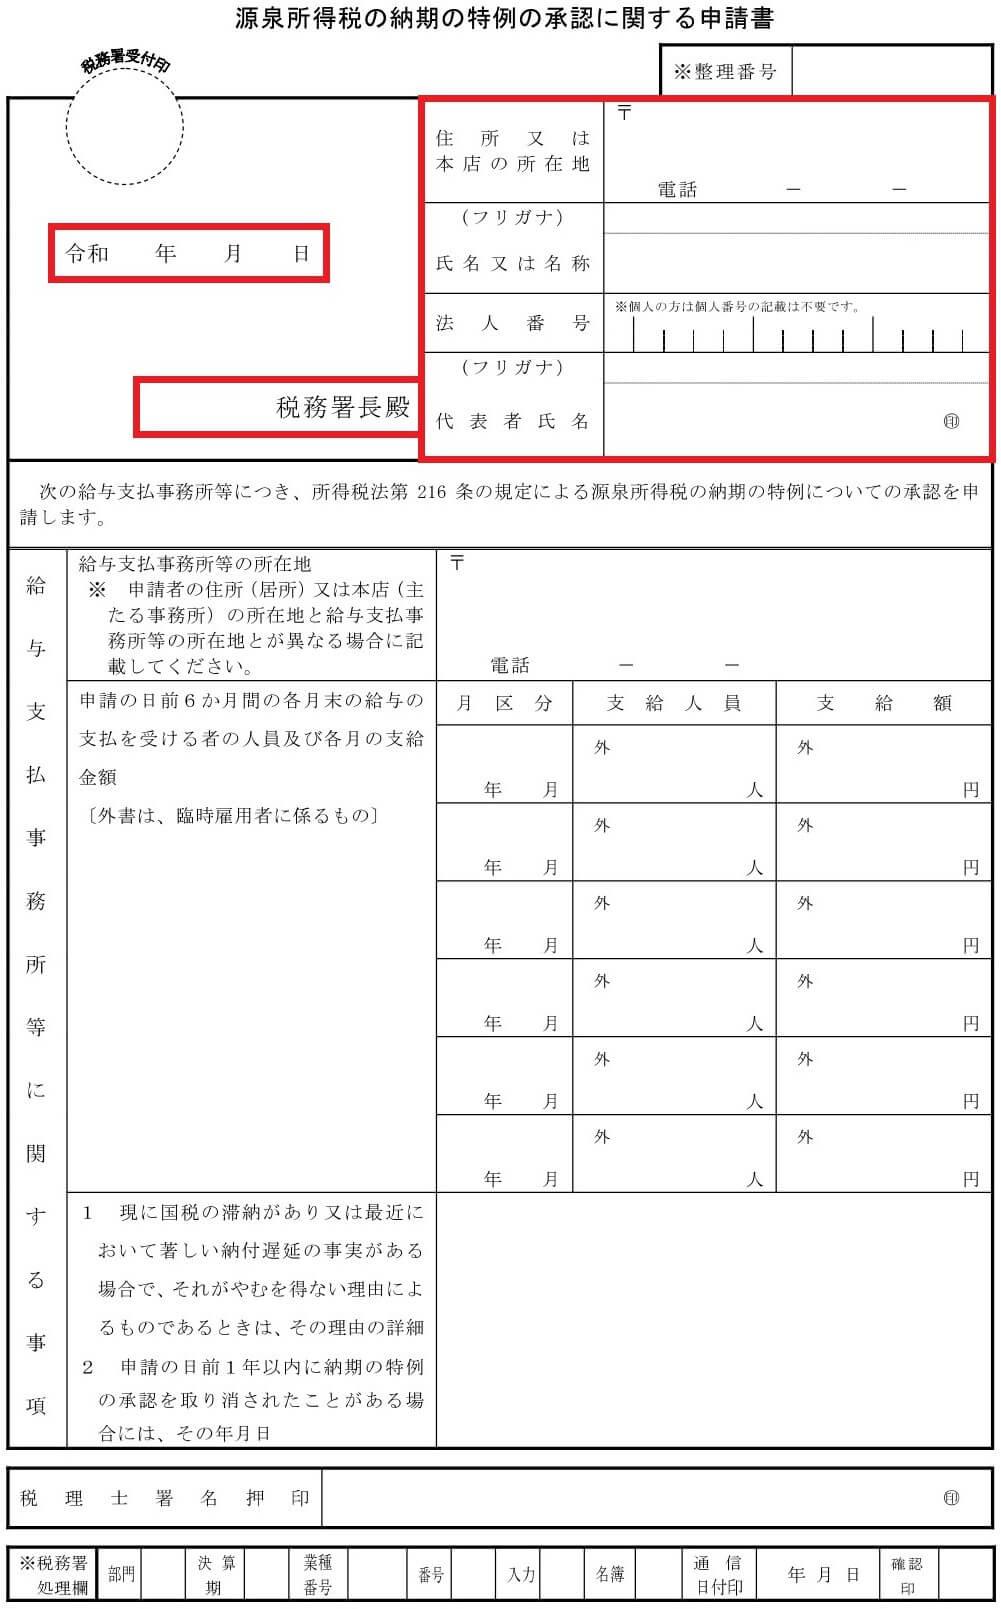 源泉所得税の納期の特例の承認に関する申請書